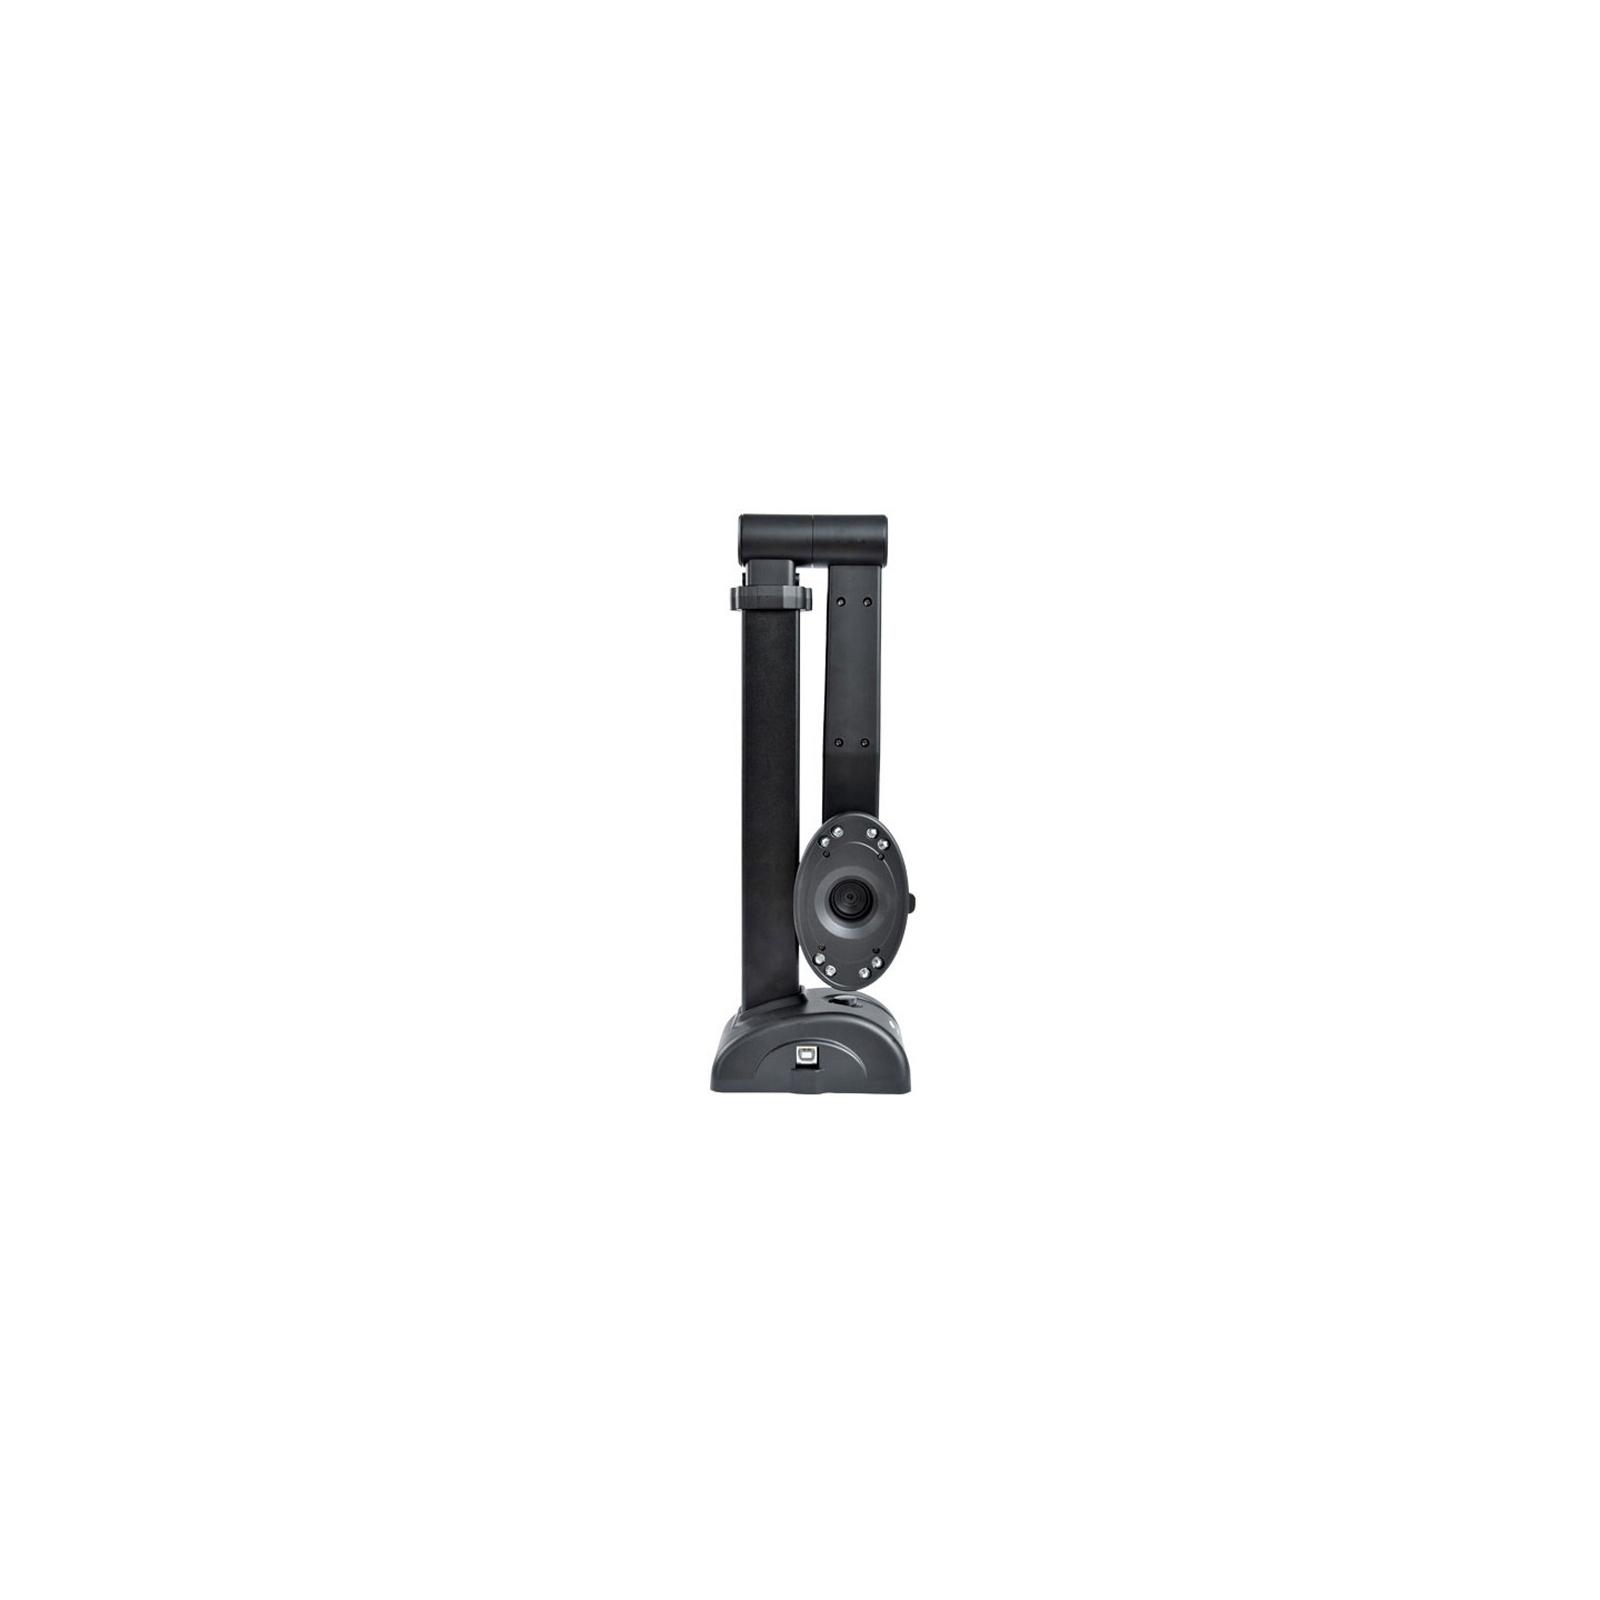 Сканер Eloam S500A3B изображение 3